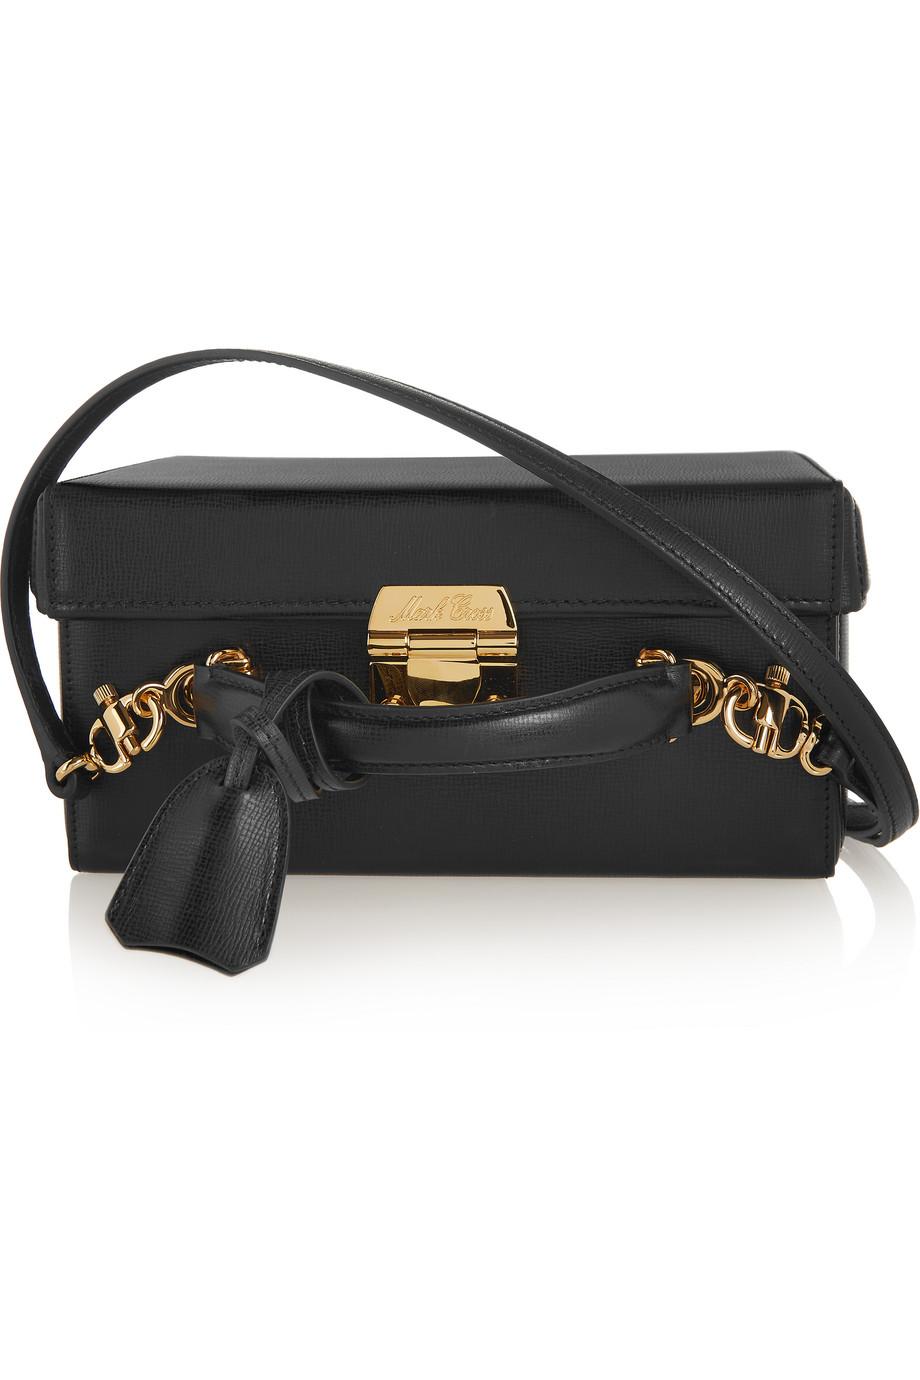 Mark Cross Grace Large Textured-Leather Shoulder Bag, Black, Women's